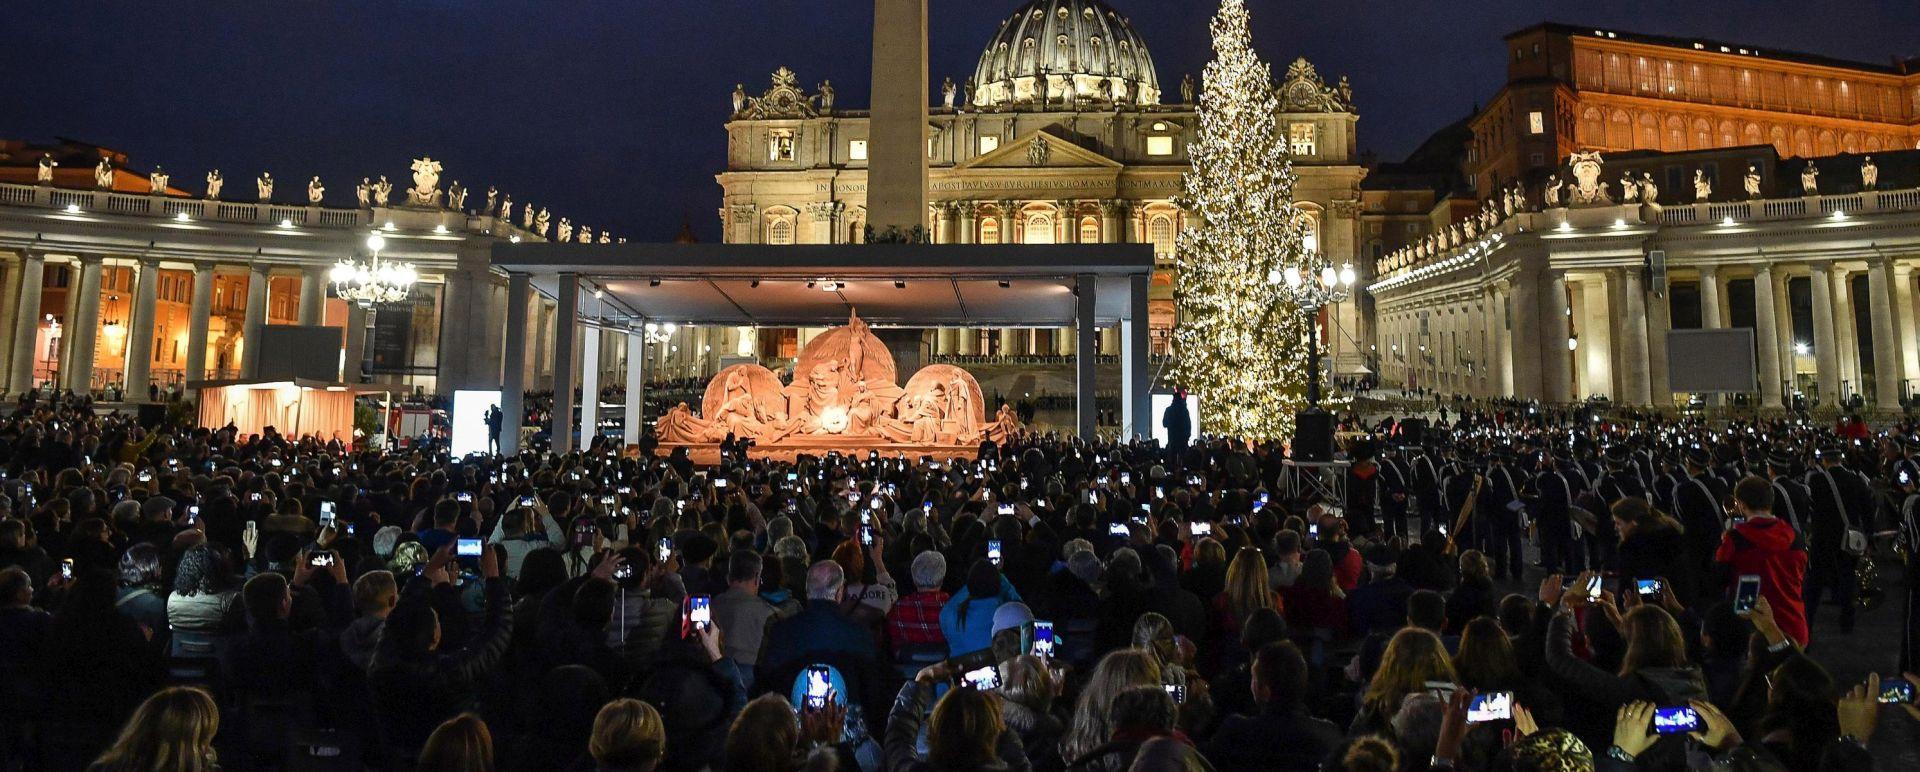 Tisuće ljudi dočekat će Božić u Vatikanu i Betlehemu